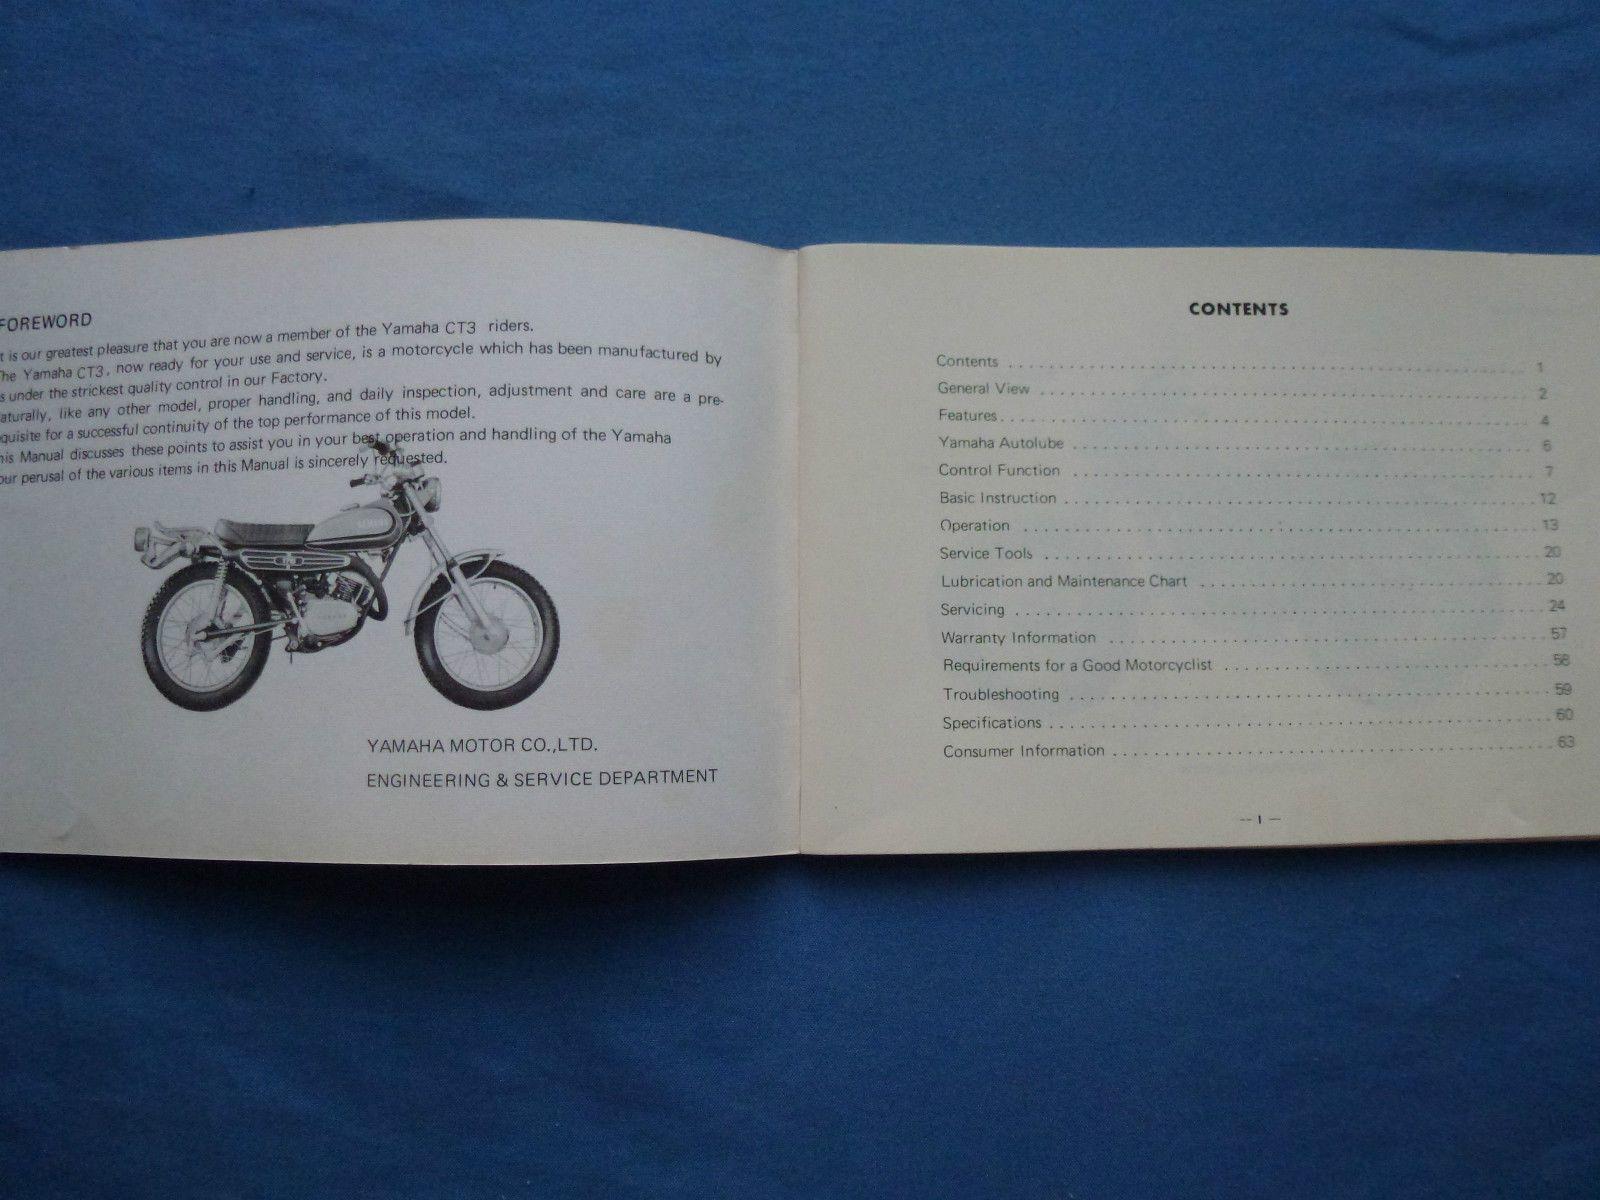 yamaha ct3 service manual